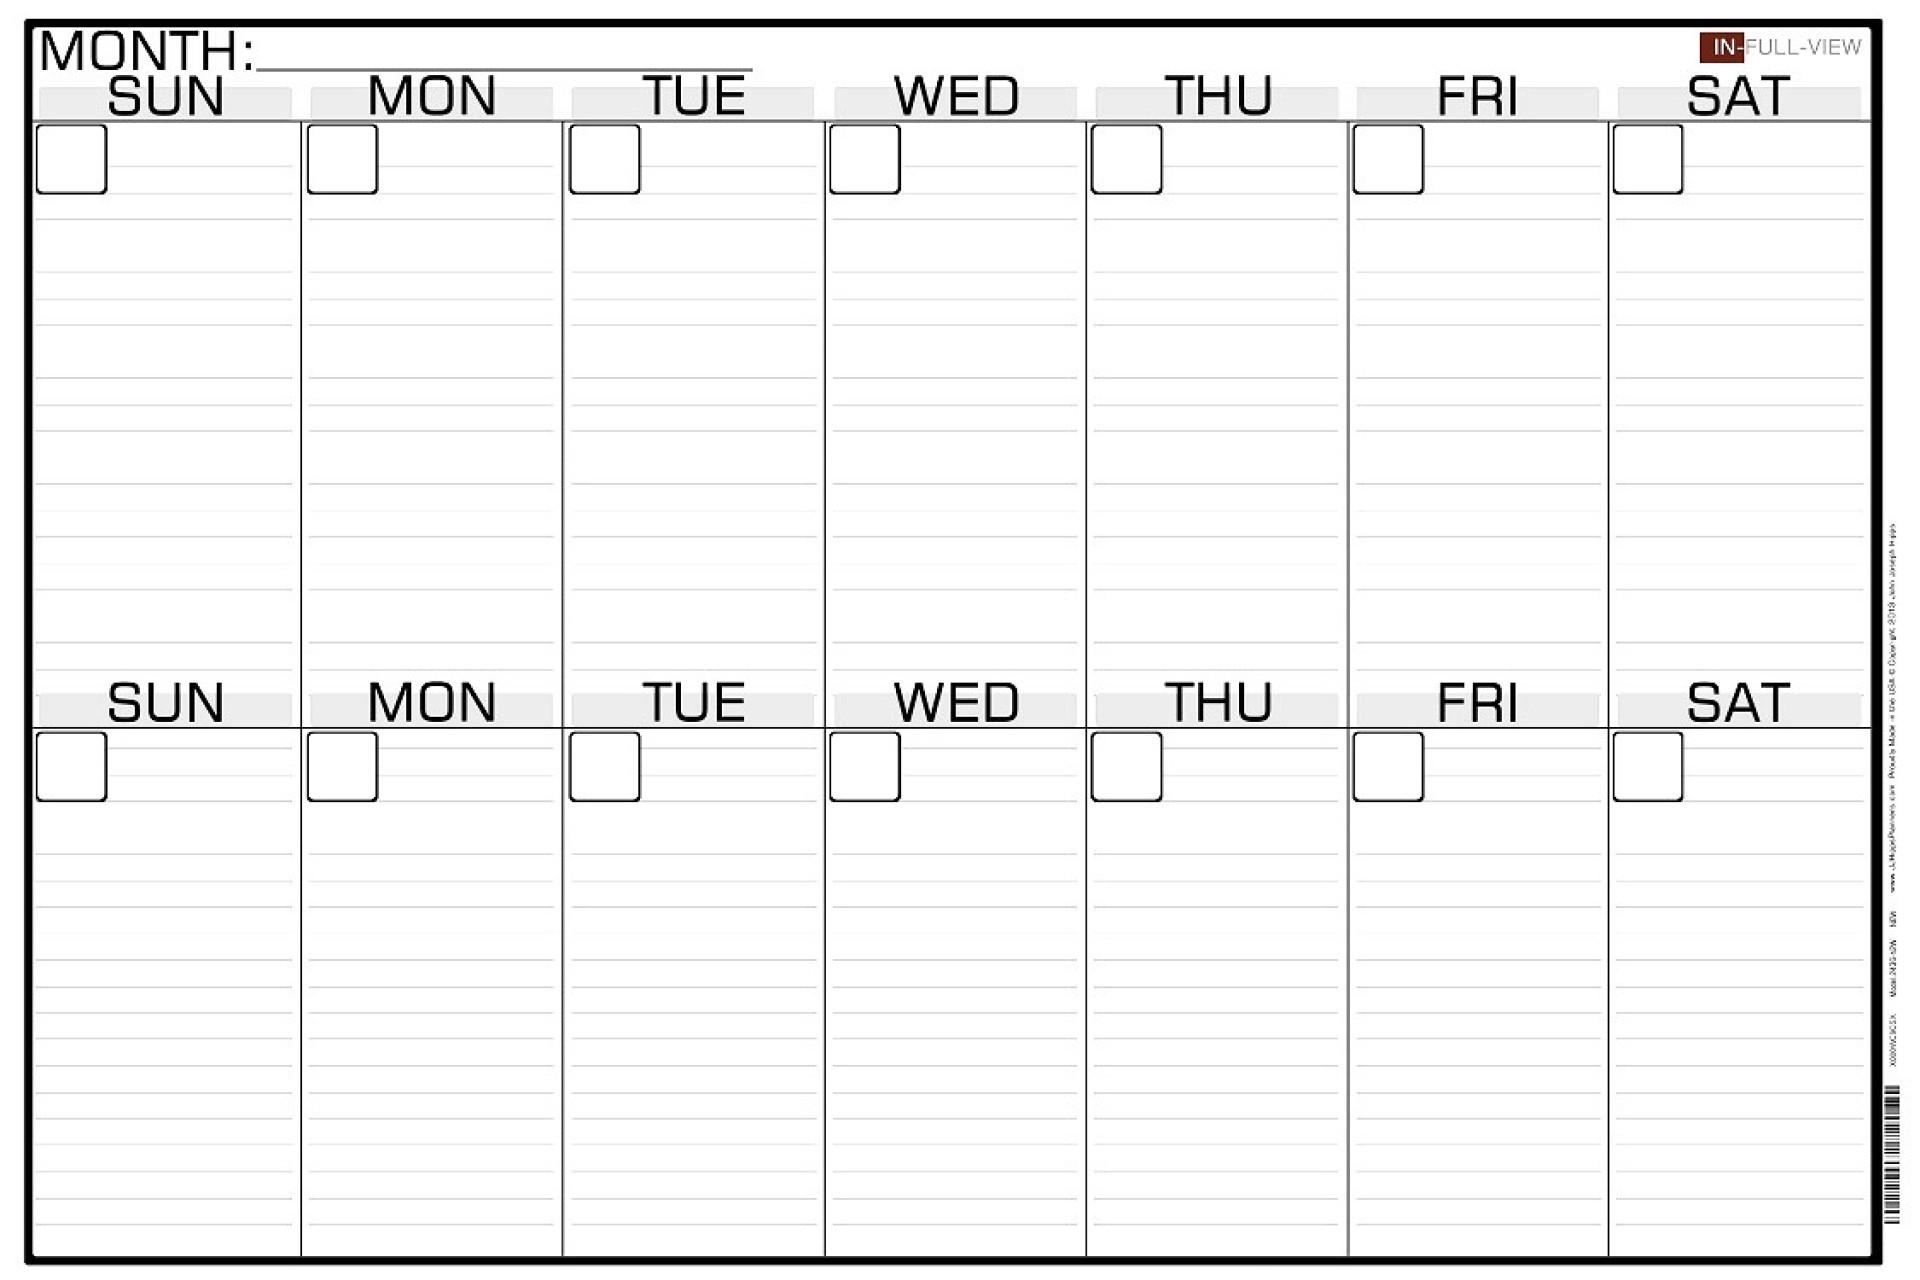 042 Week Printable Calendar Free Blank Printing 25Nhzqjr with 2 Week Blank Calendar Printable